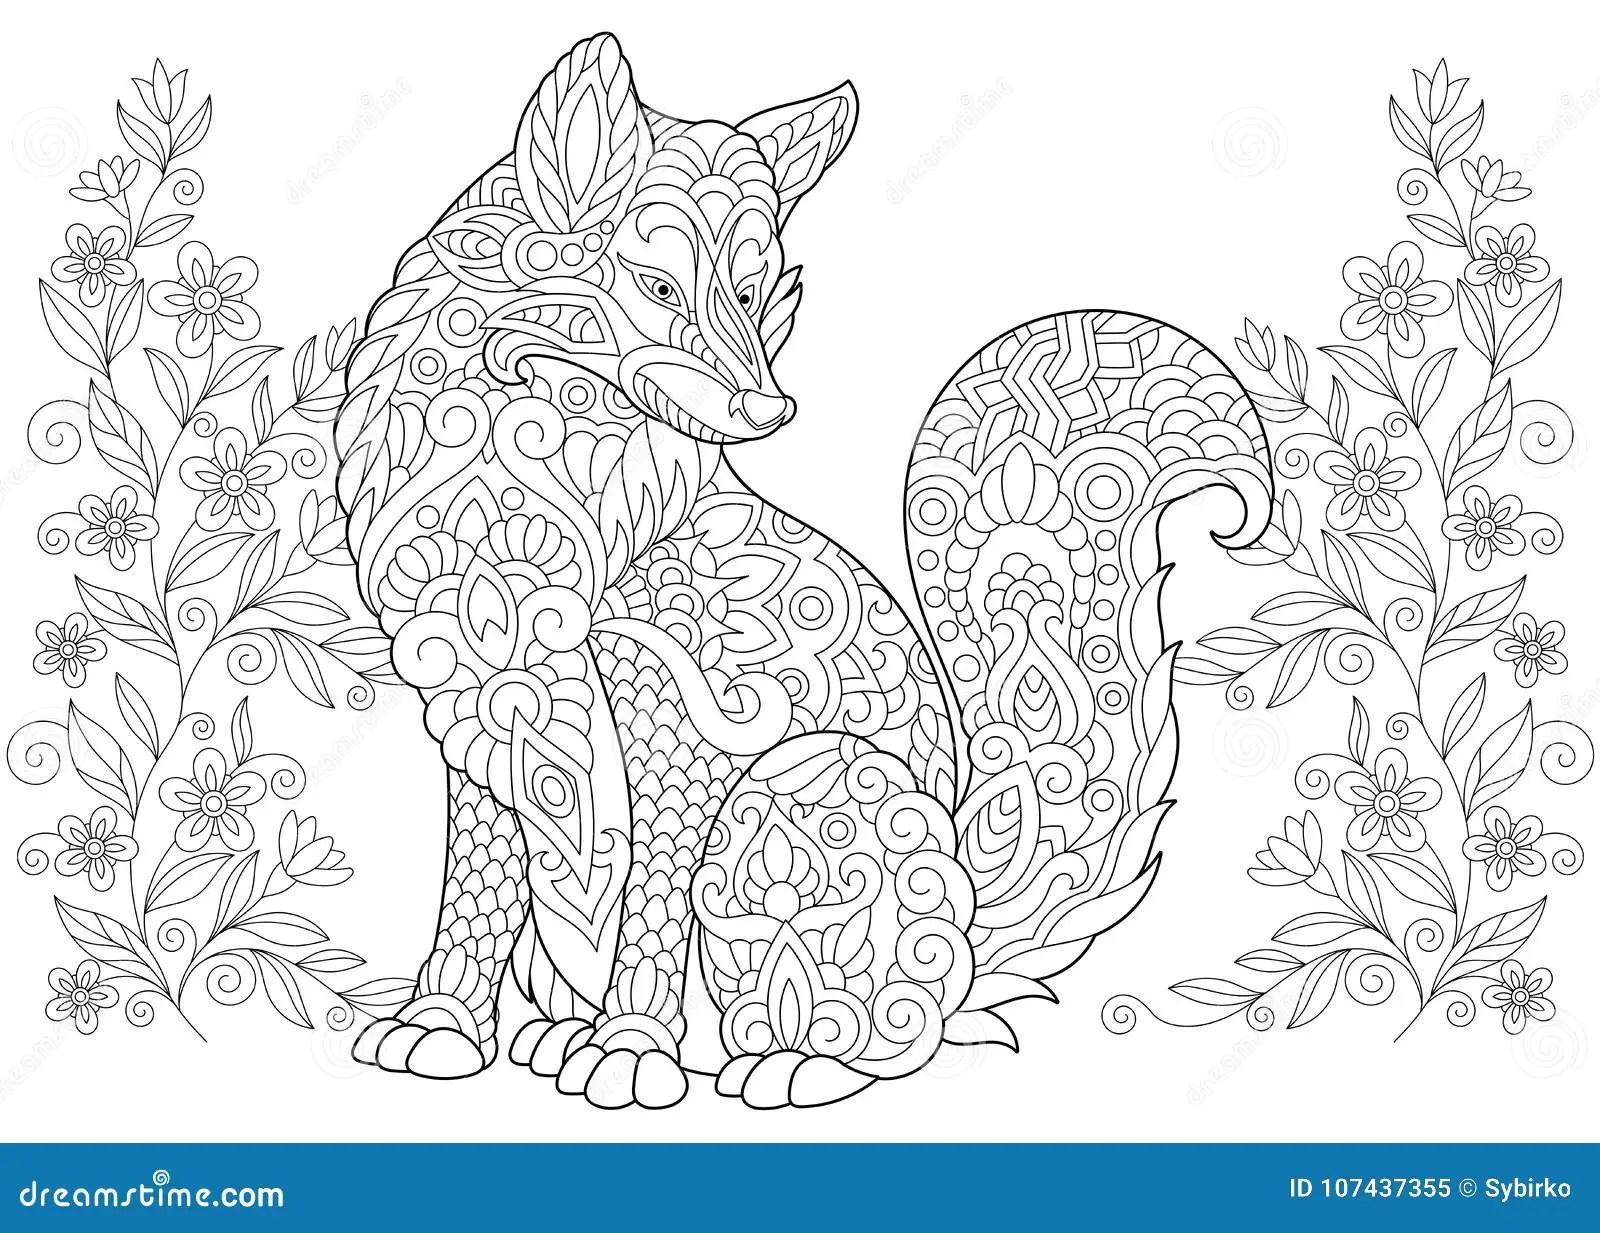 Zentangle Wild Fox And Wildflowers Stock Vector